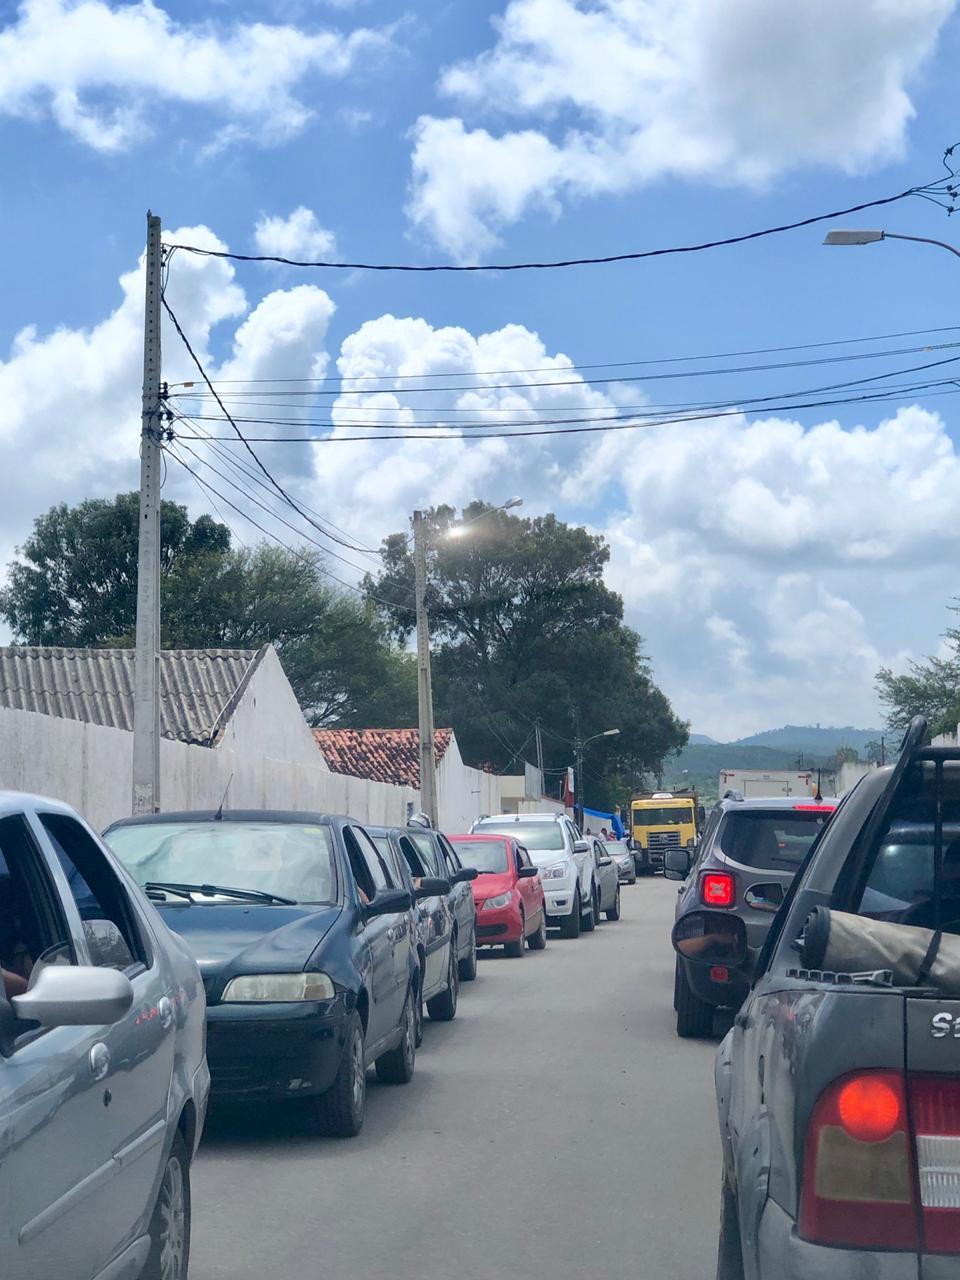 Denúncia: Falta de fiscalização deixa trânsito em rua do bairro Boa Vista em situação caótica